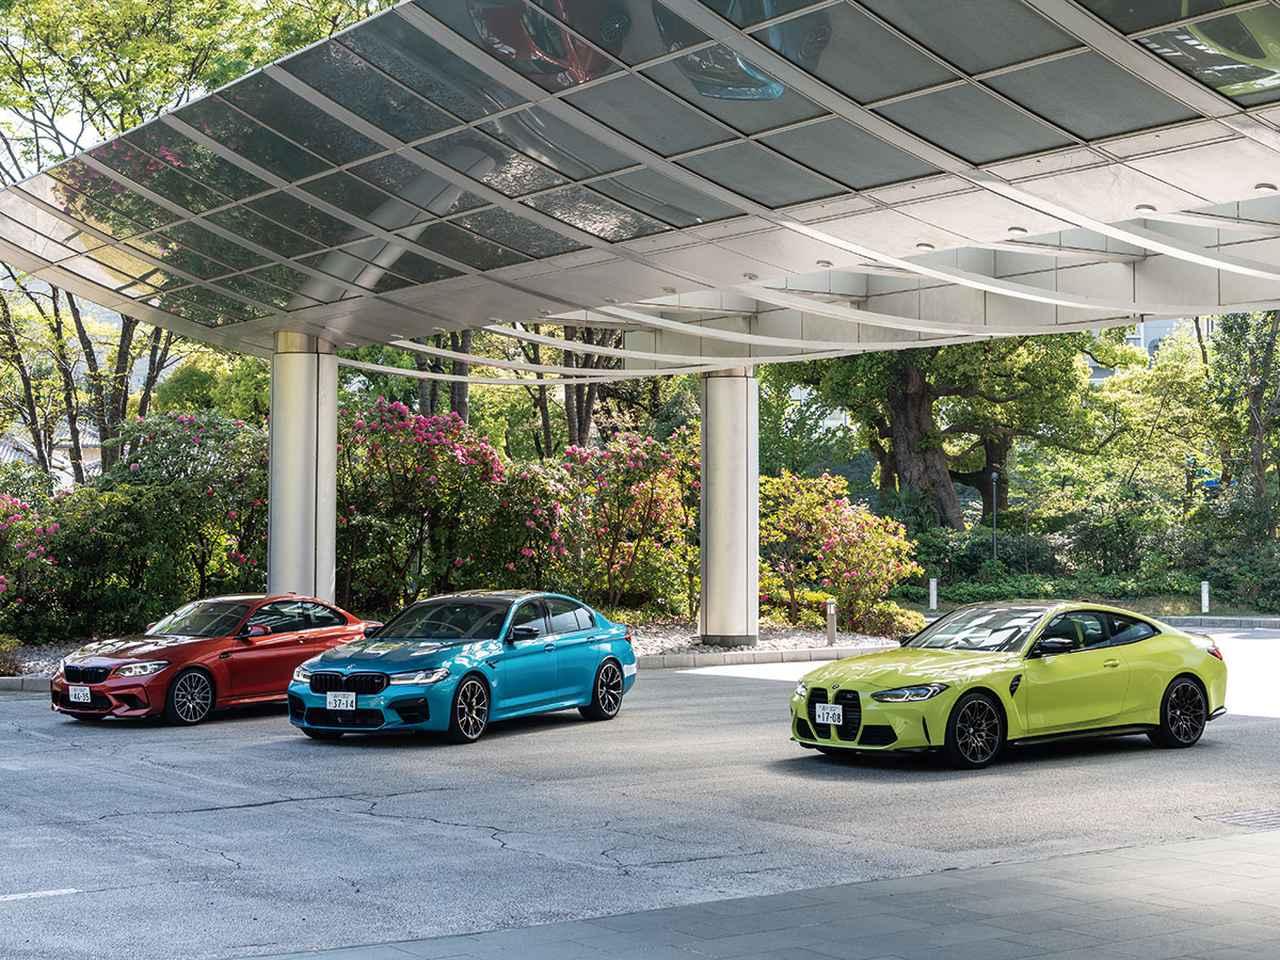 【試乗】BMW M2/M4/M5、各コンペティションを乗り比べて分かったM4クーペの「M」らしさと独自性